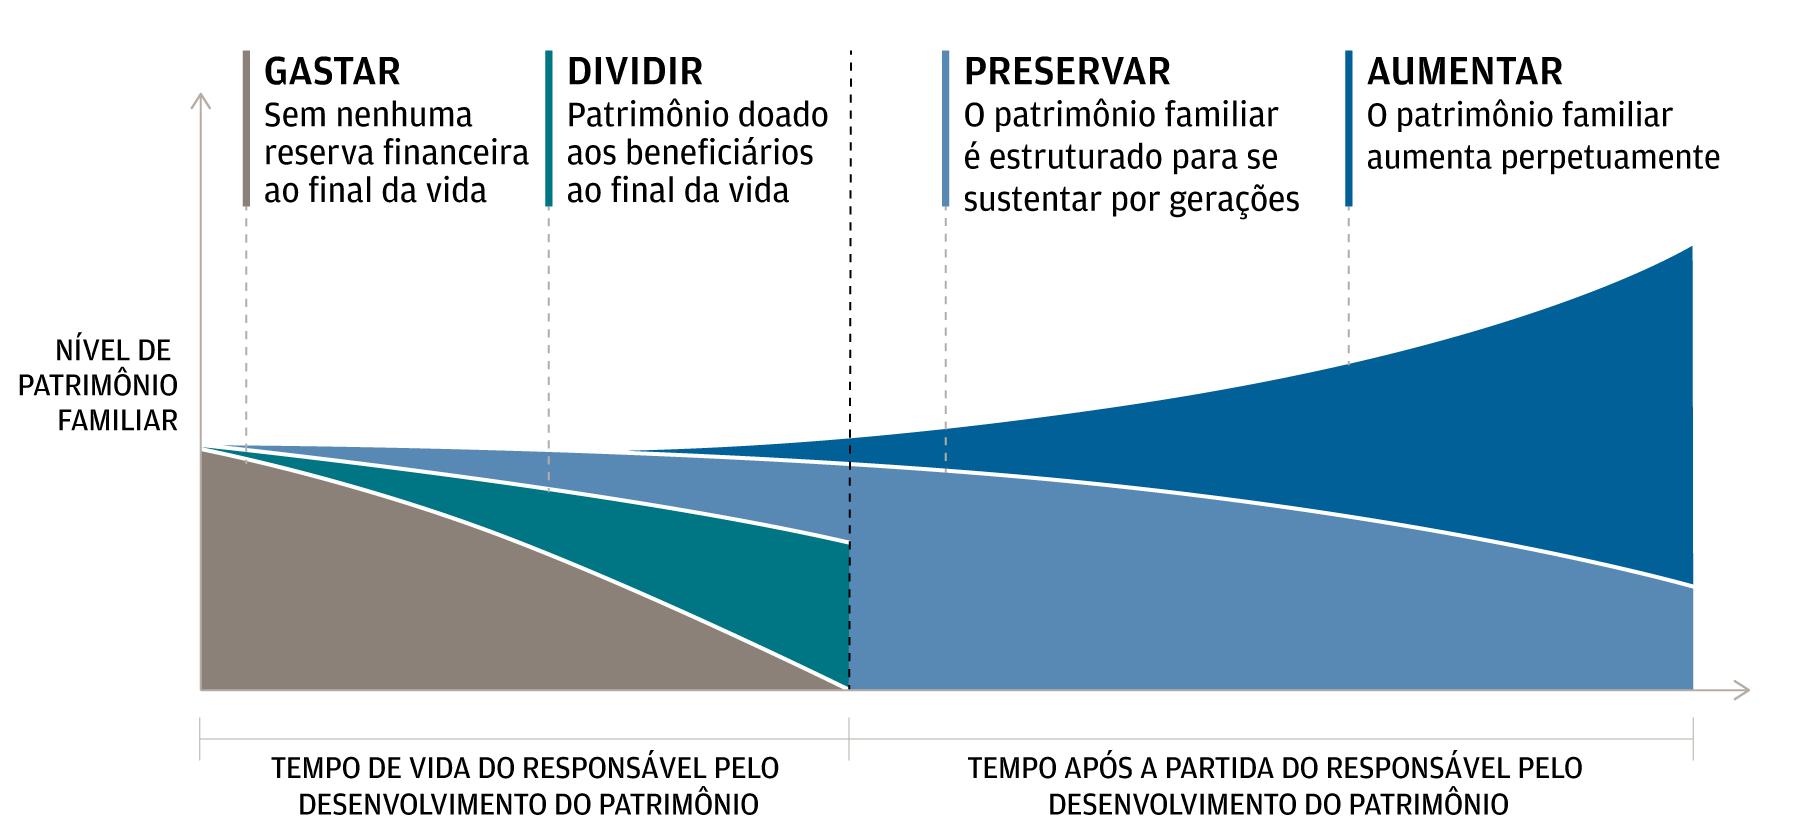 O gráfico mostra como as quatro intenções fundamentais do patrimônio evoluem durante e para além da vida do criador daquele patrimônio.